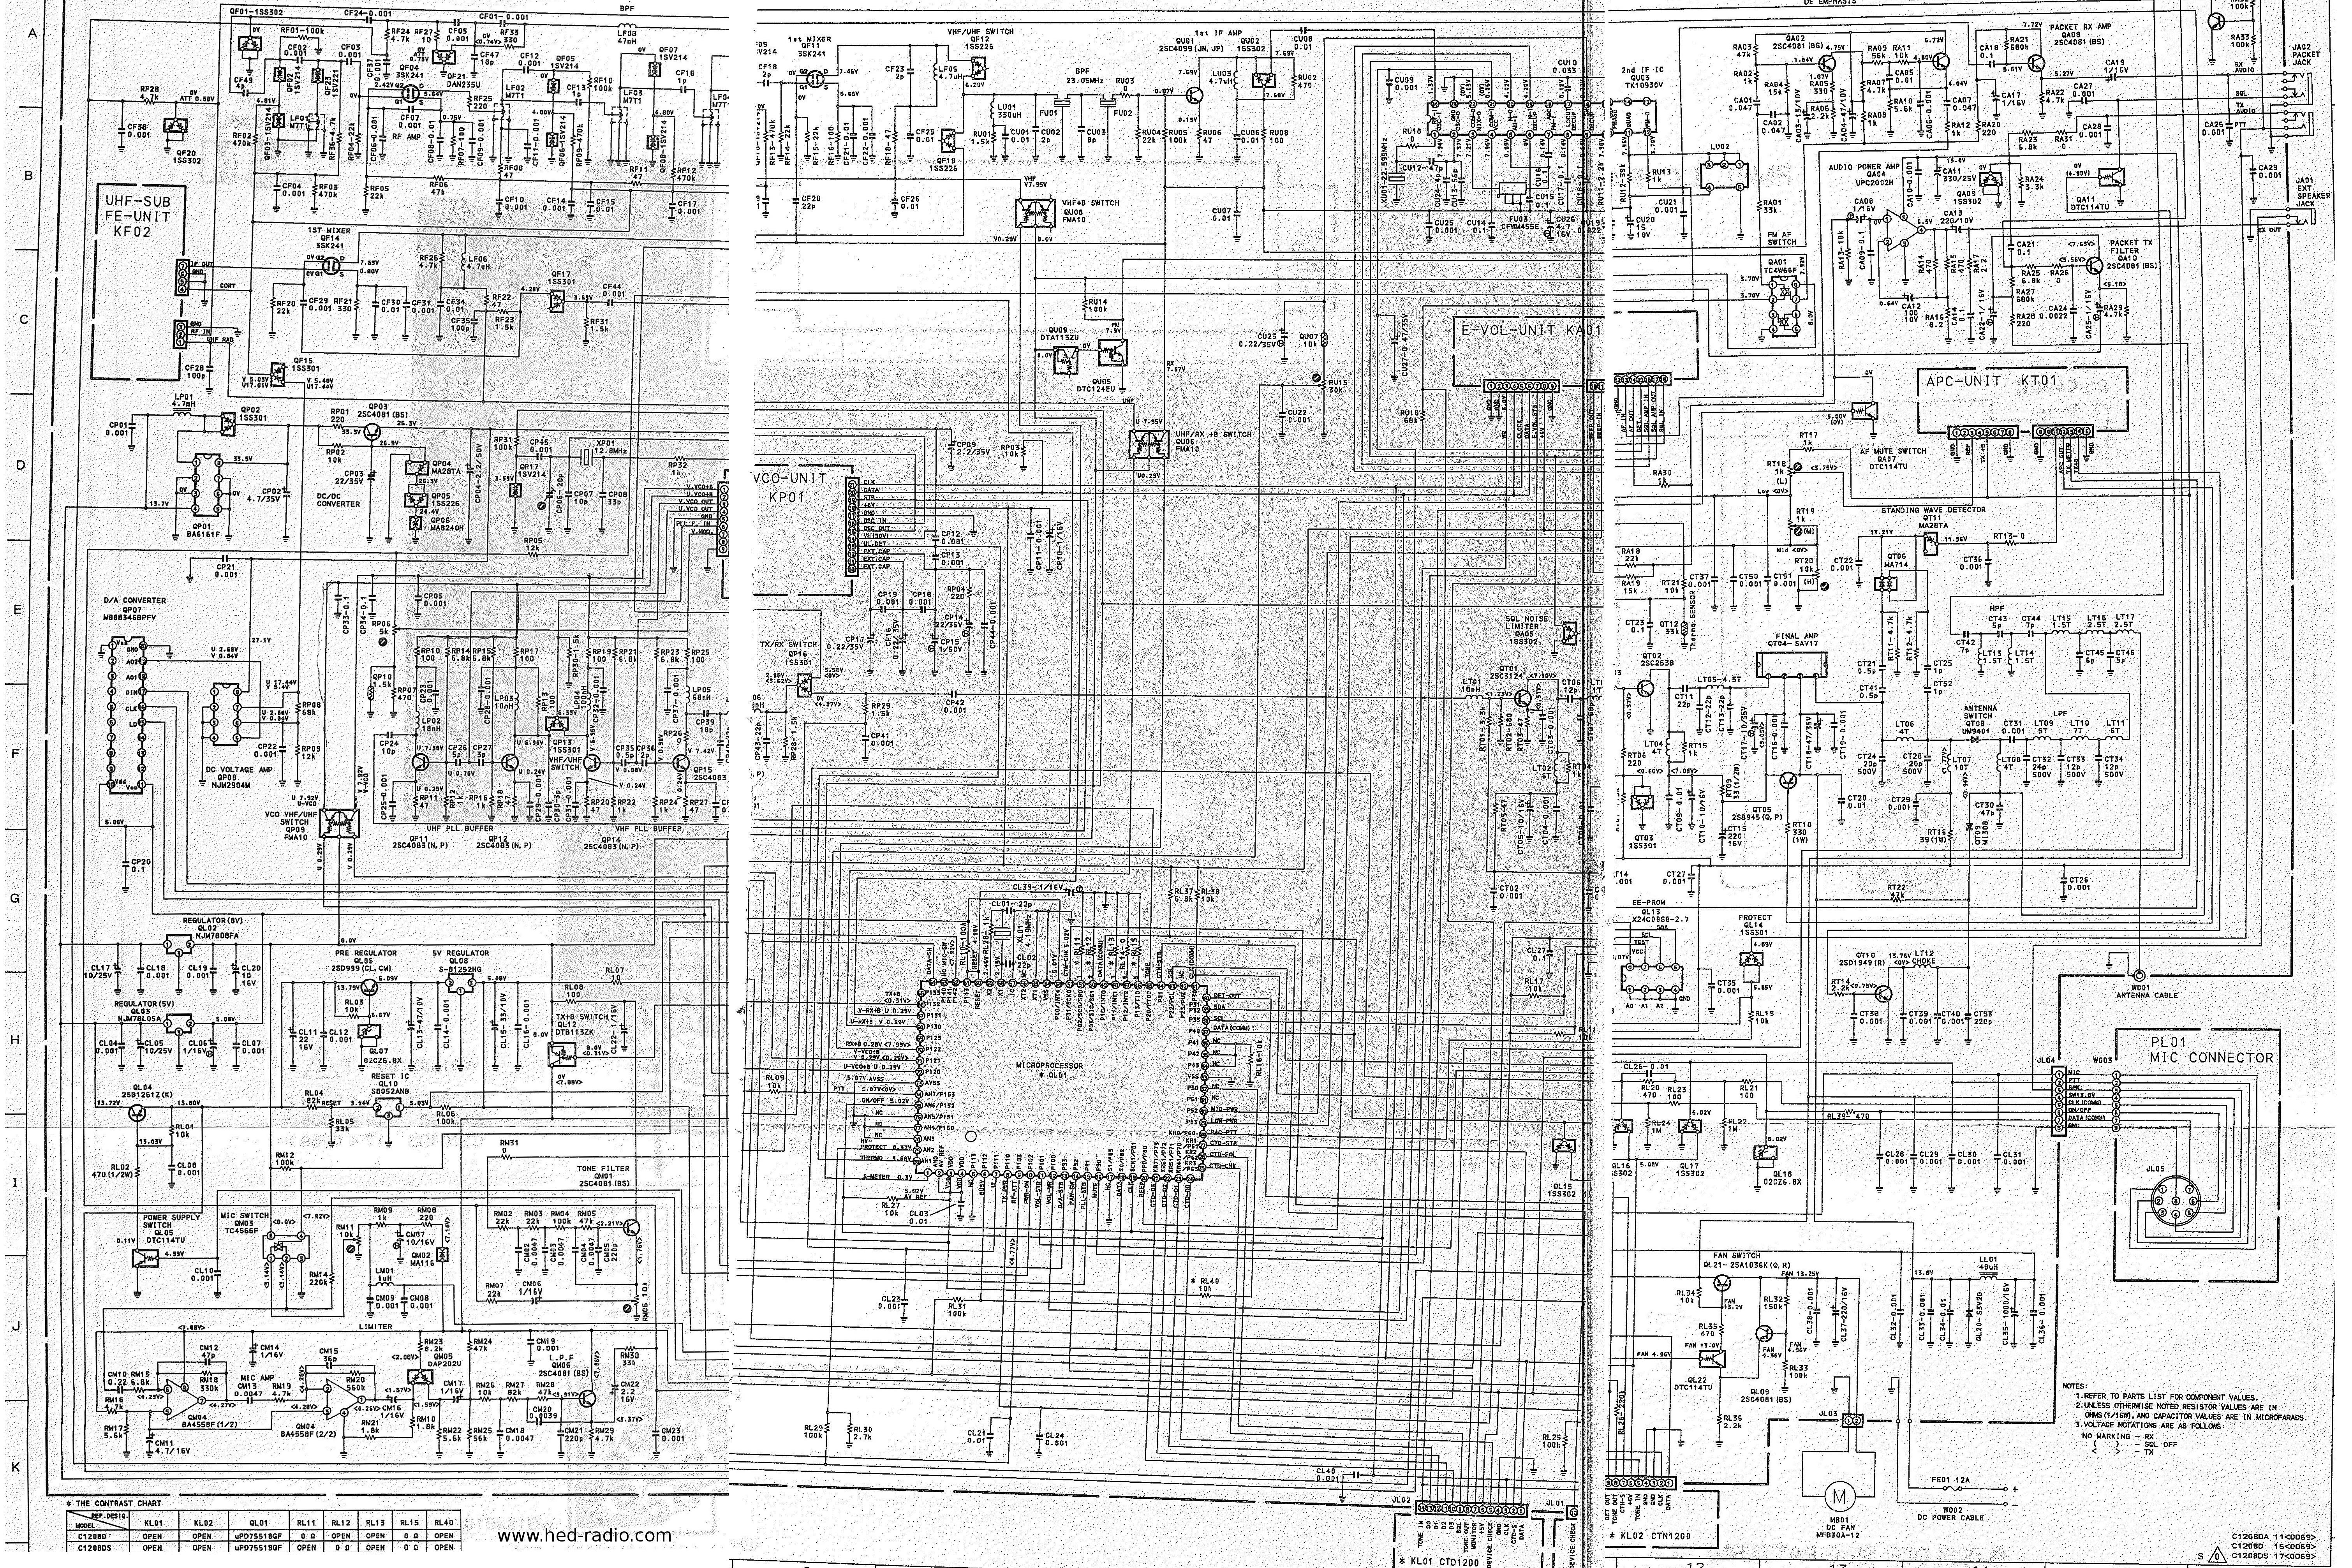 Technische Daten, Anleitung, Bilder und Schaltplan zum STANDARD C-1208